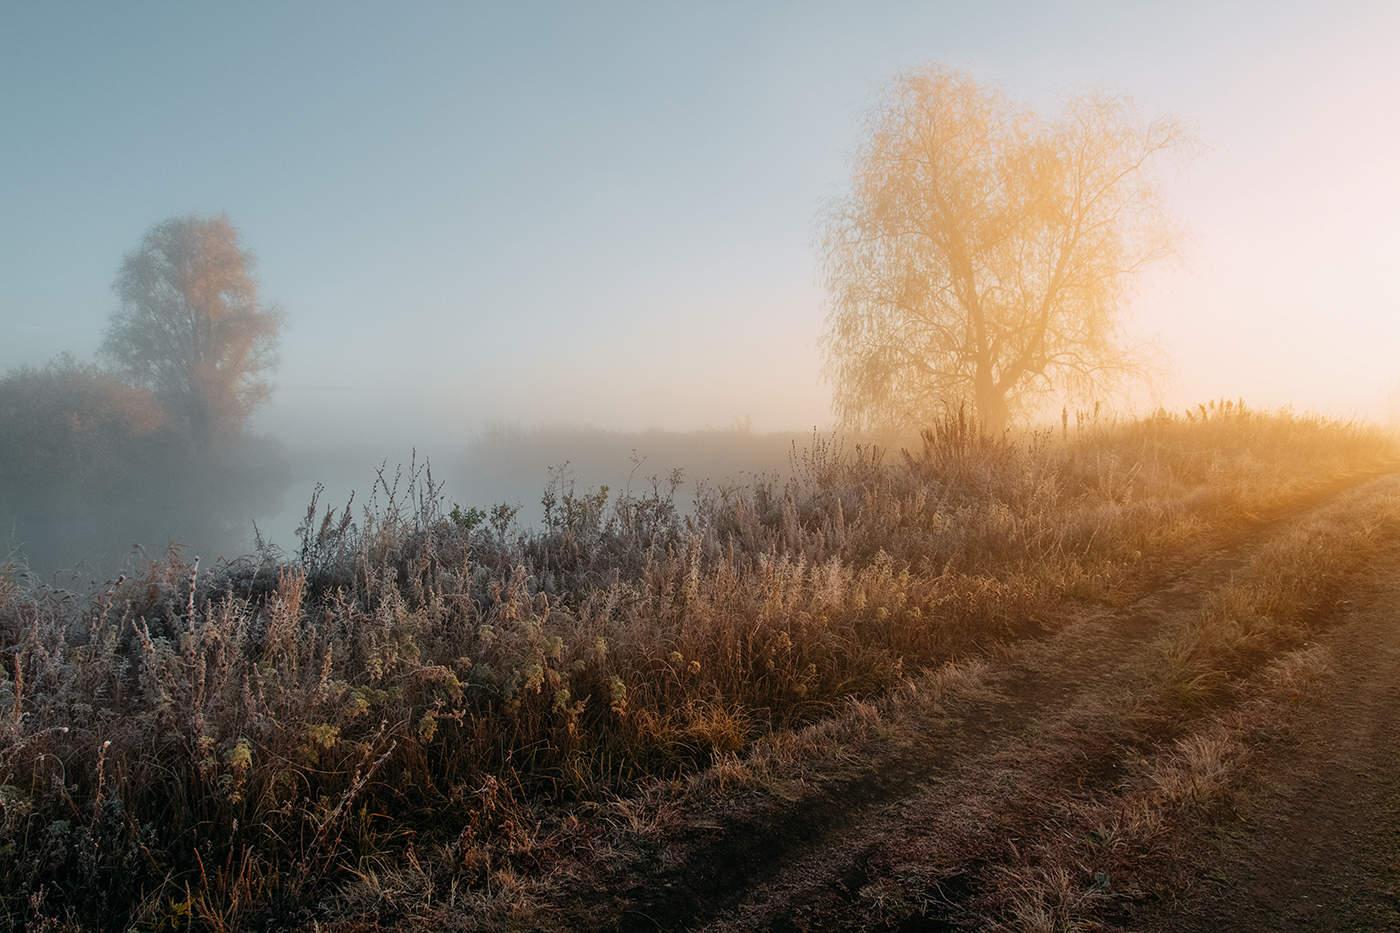 Фото с утренним осенним туманом доброго утра